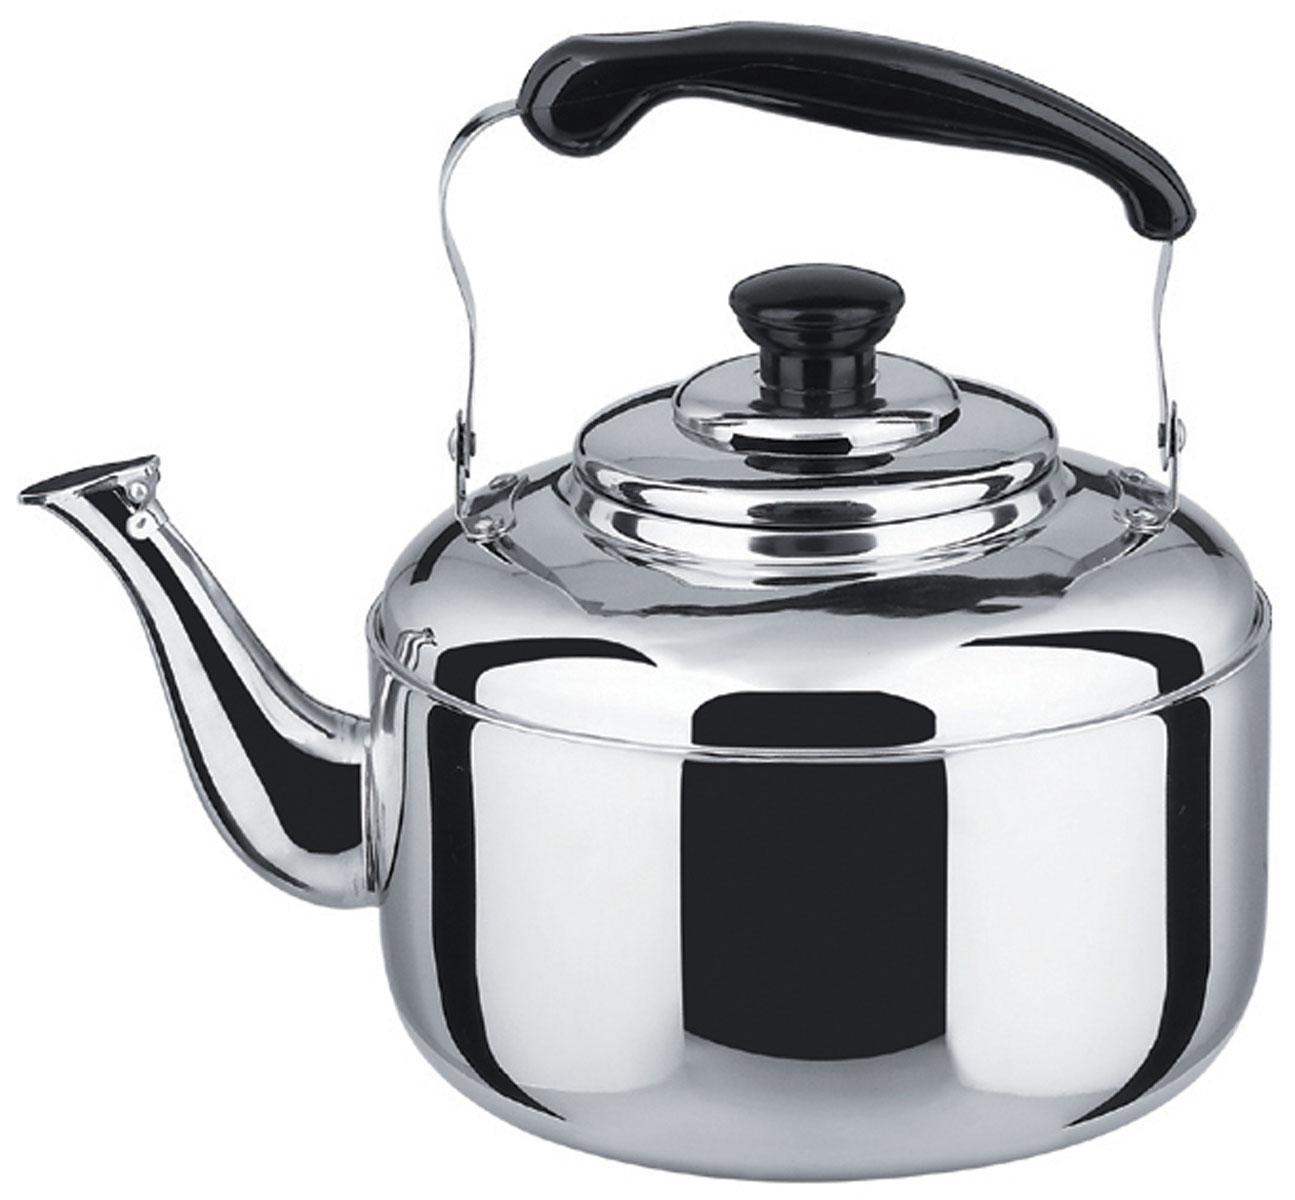 Чайник Bekker Koch со свистком, 2 л. BK-S485VT-1520(SR)Чайник Bekker Koch изготовлен из высококачественной нержавеющей стали с зеркальной полировкой. Цельнометаллическое дно распределяет тепло по всей поверхности, что позволяет чайнику быстро закипать. Эргономичная подвижная ручка выполнена из нержавеющей стали и бакелита черного цвета. Носик оснащен откидным свистком, который подскажет, когда вода закипела. Широкое отверстие по верхнему краю позволяет удобно наливать воду.Подходит для всех типов плит, включая индукционные. Можно мыть в посудомоечной машине.